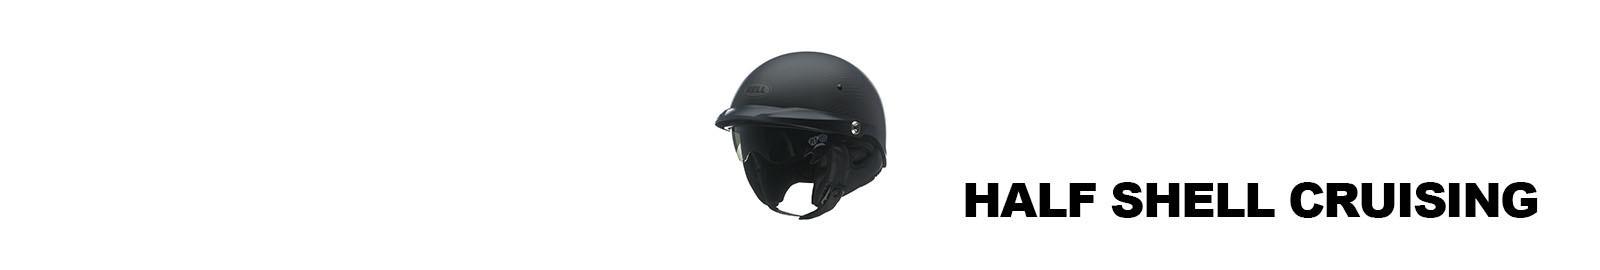 Bell Pit Boss Helmets